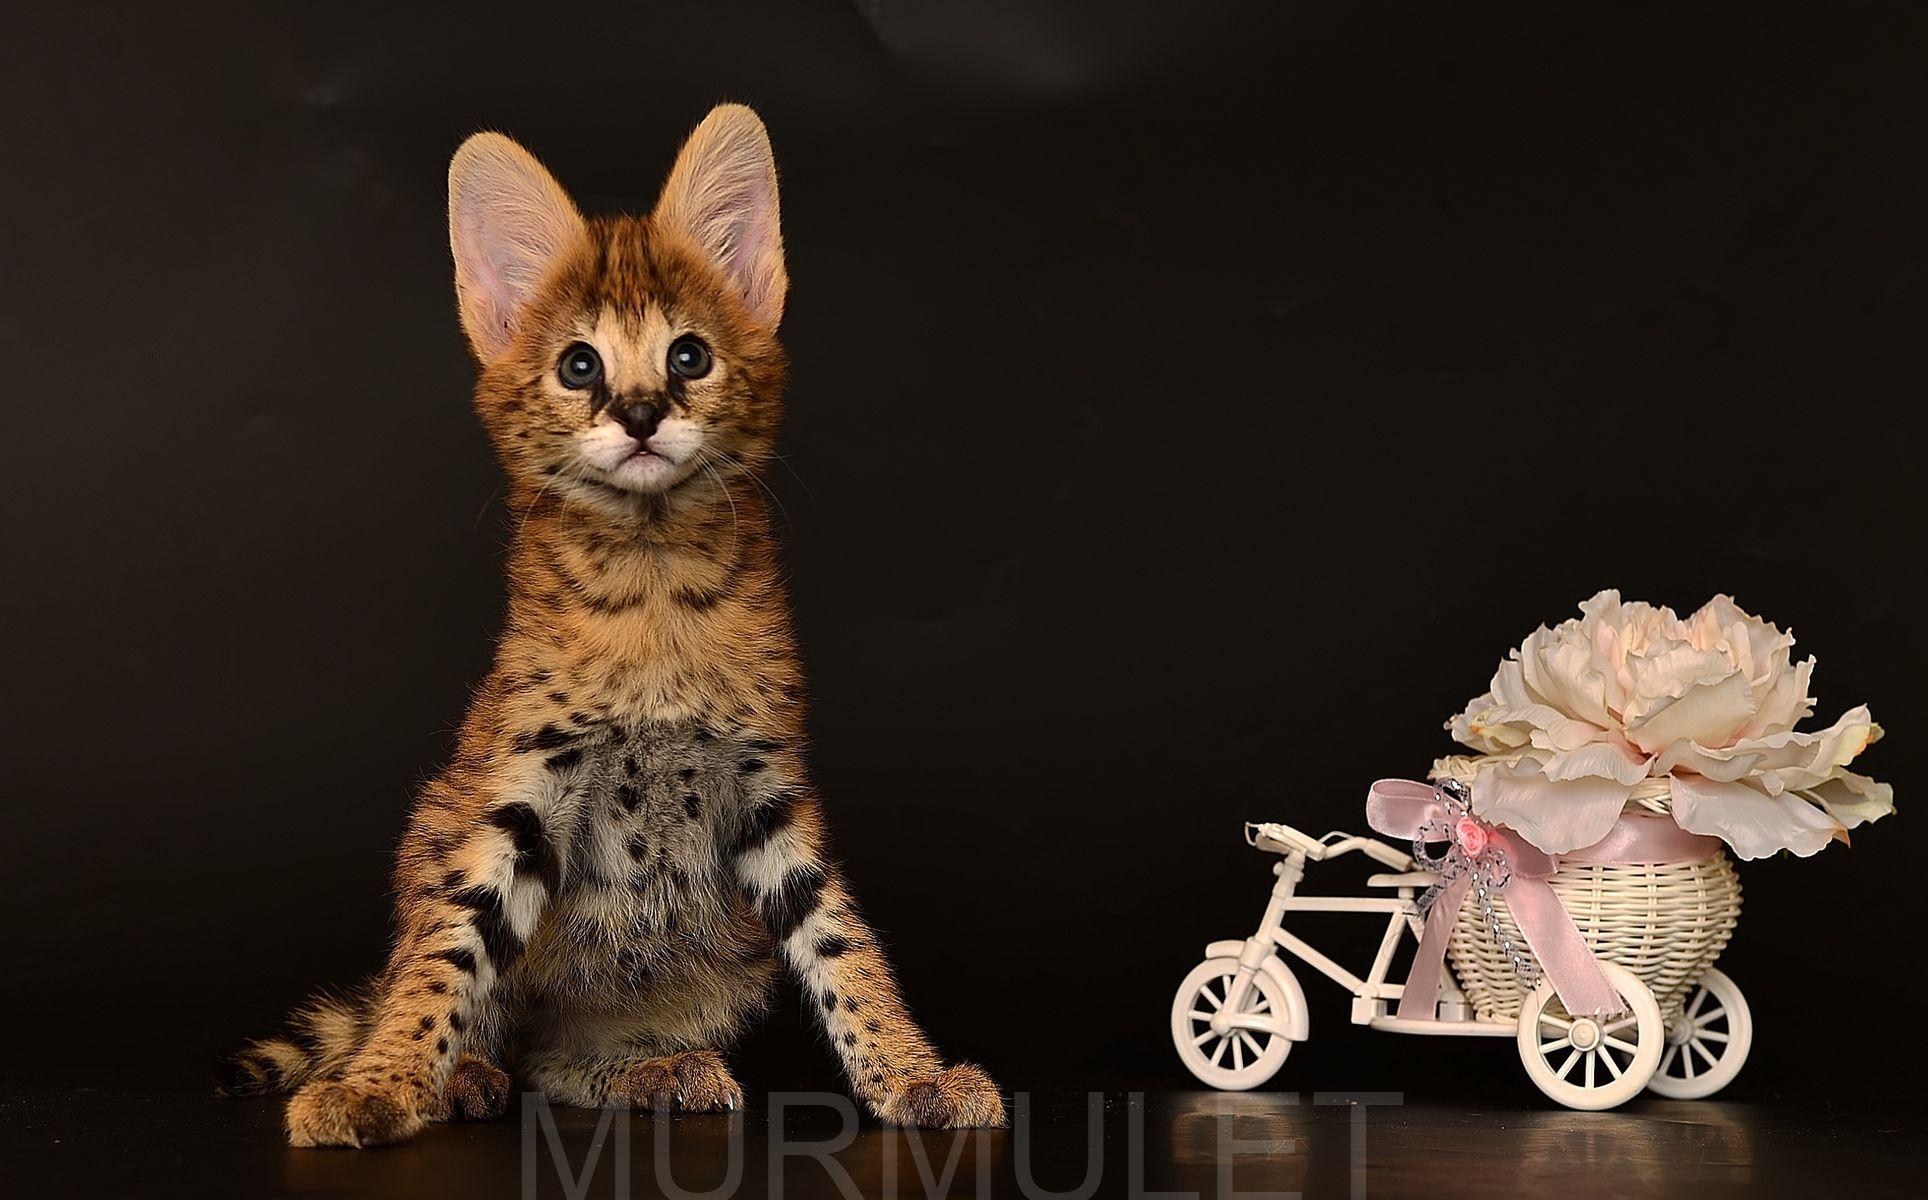 Serval Murmulet